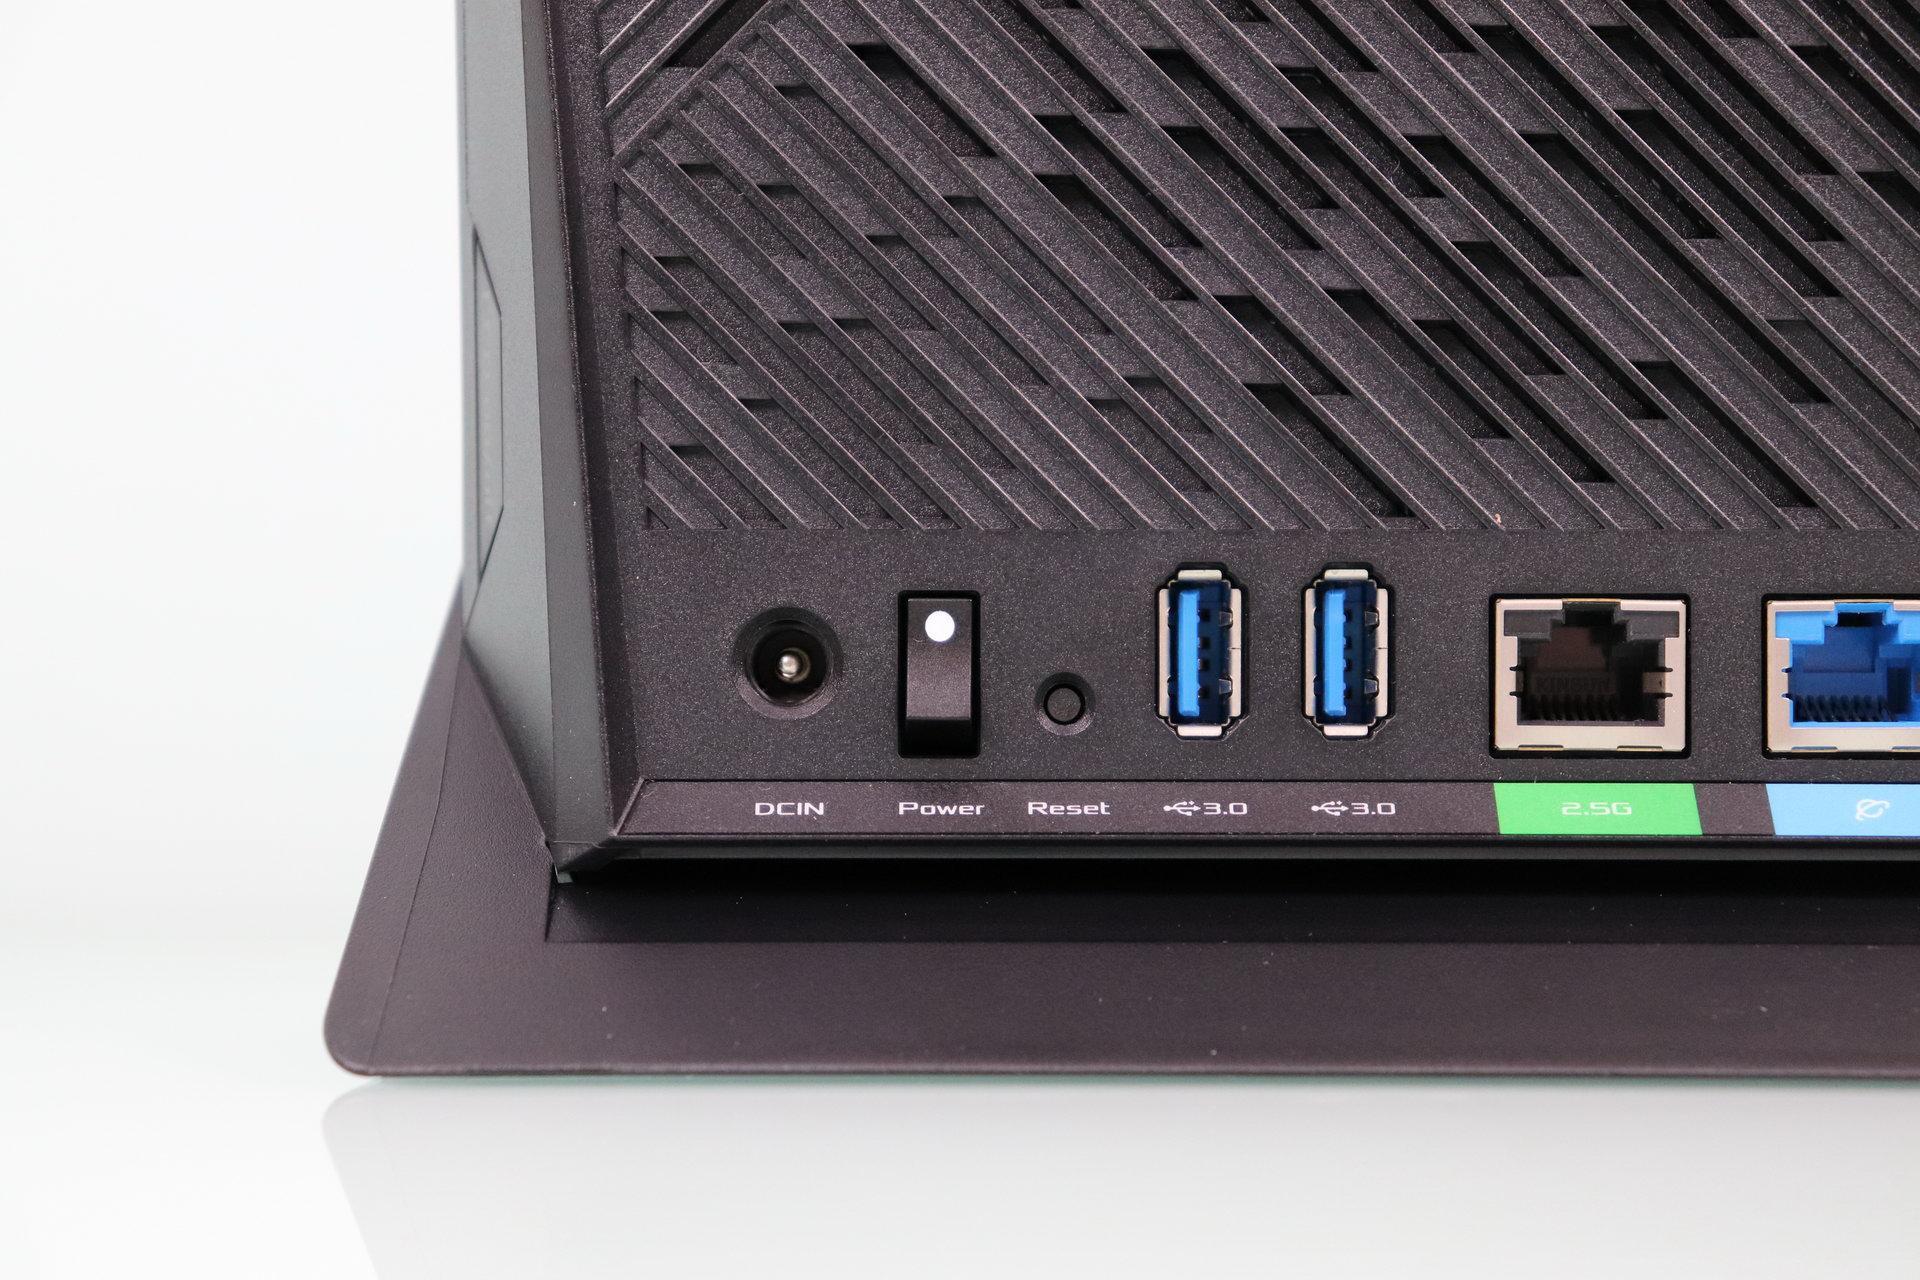 Alimentación y USB 3.0 del router ASUS RT-AX86U